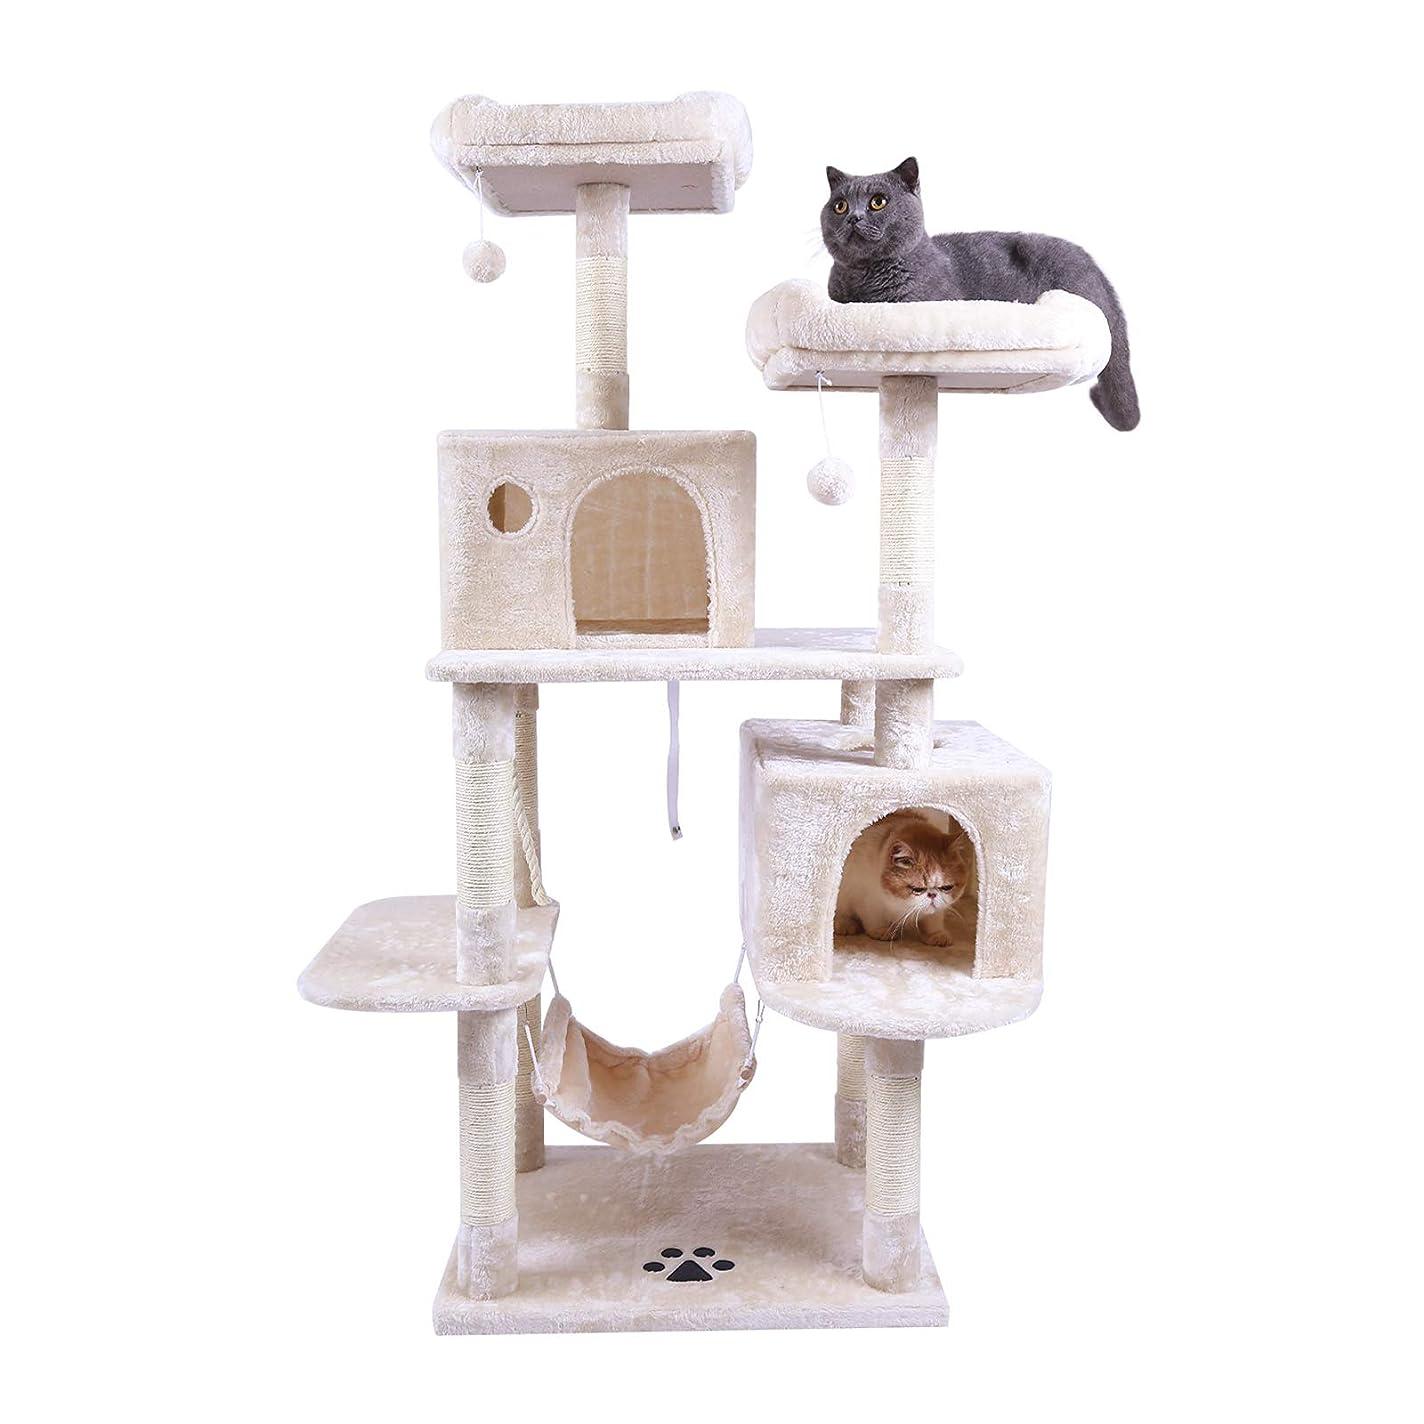 おそらくキャリッジ内なるKoi キャットタワー 据え置き 2つ猫ハウス つめとぎ 麻紐 多頭飼い 段差あり 登り下りしやすい 高さ156cm